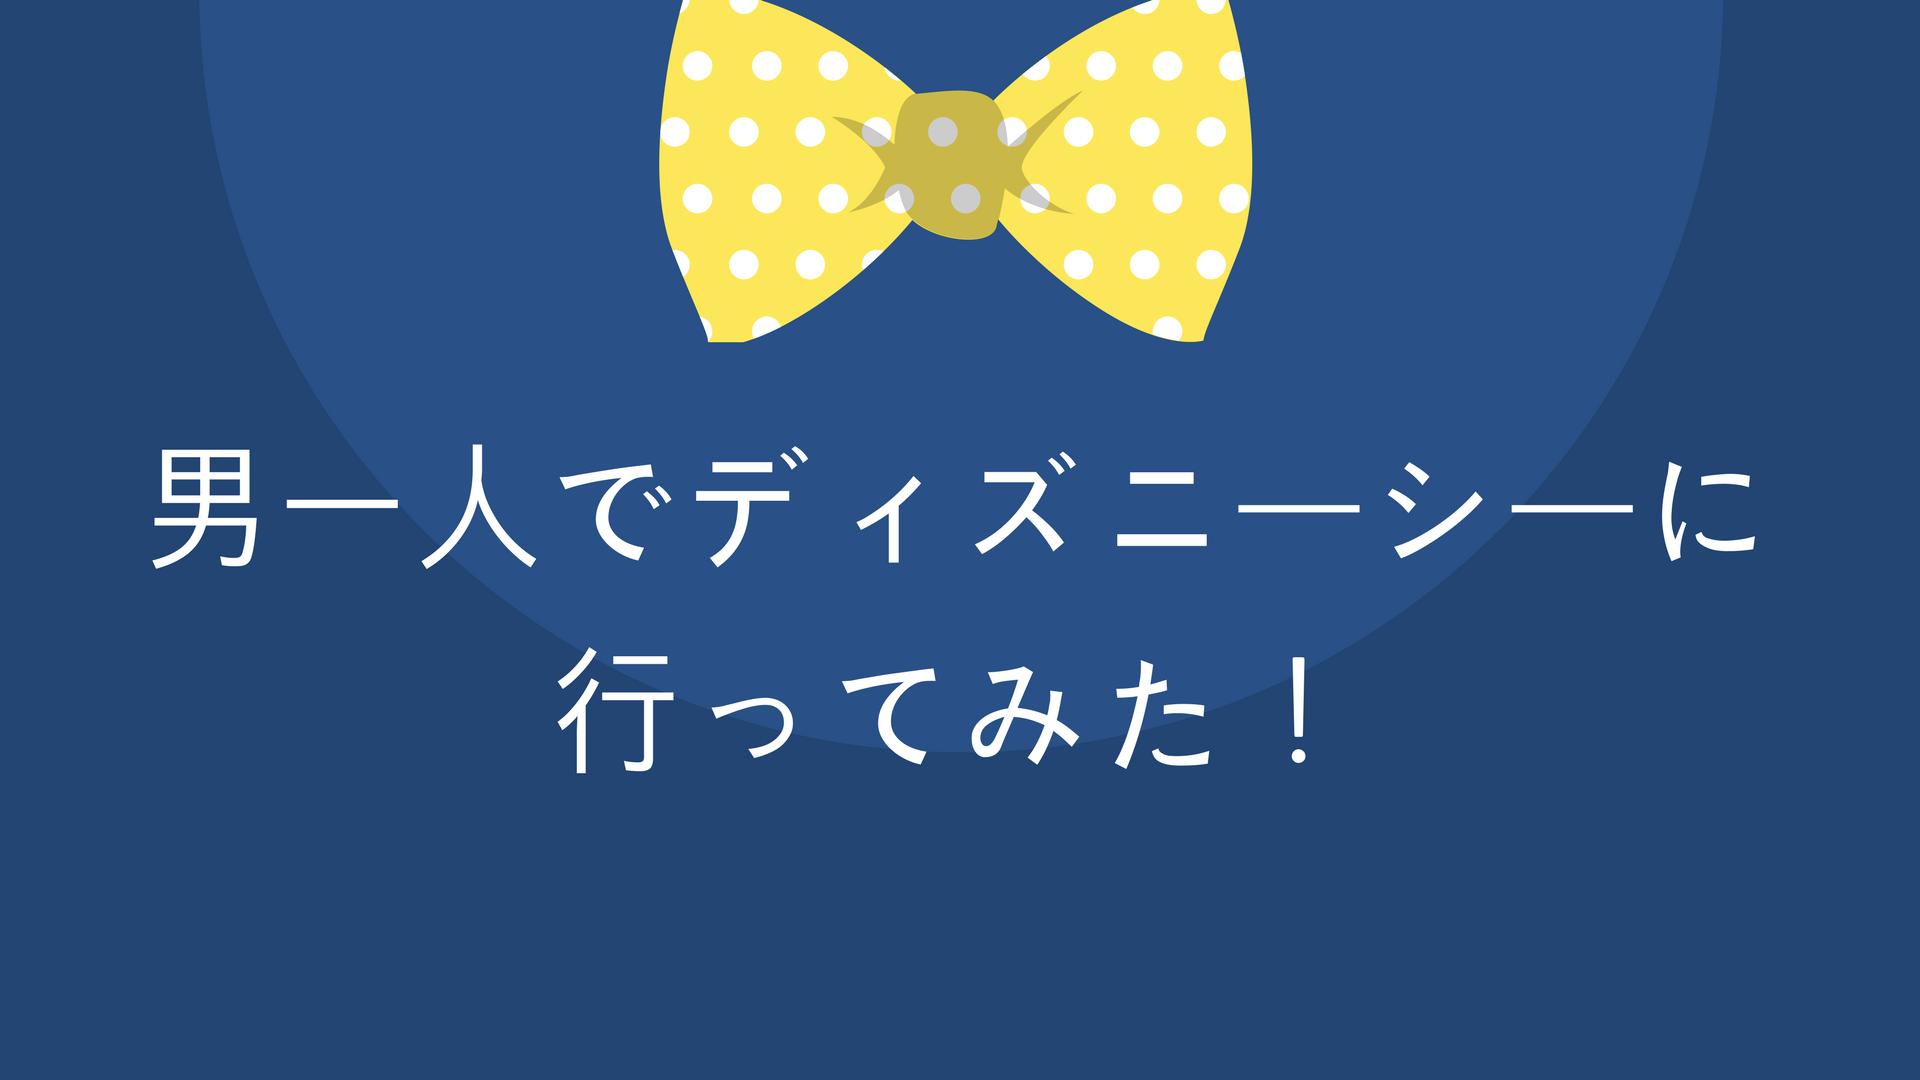 【体験談】男一人でディズニーシーに行ってみた!一人でも楽しめるの?